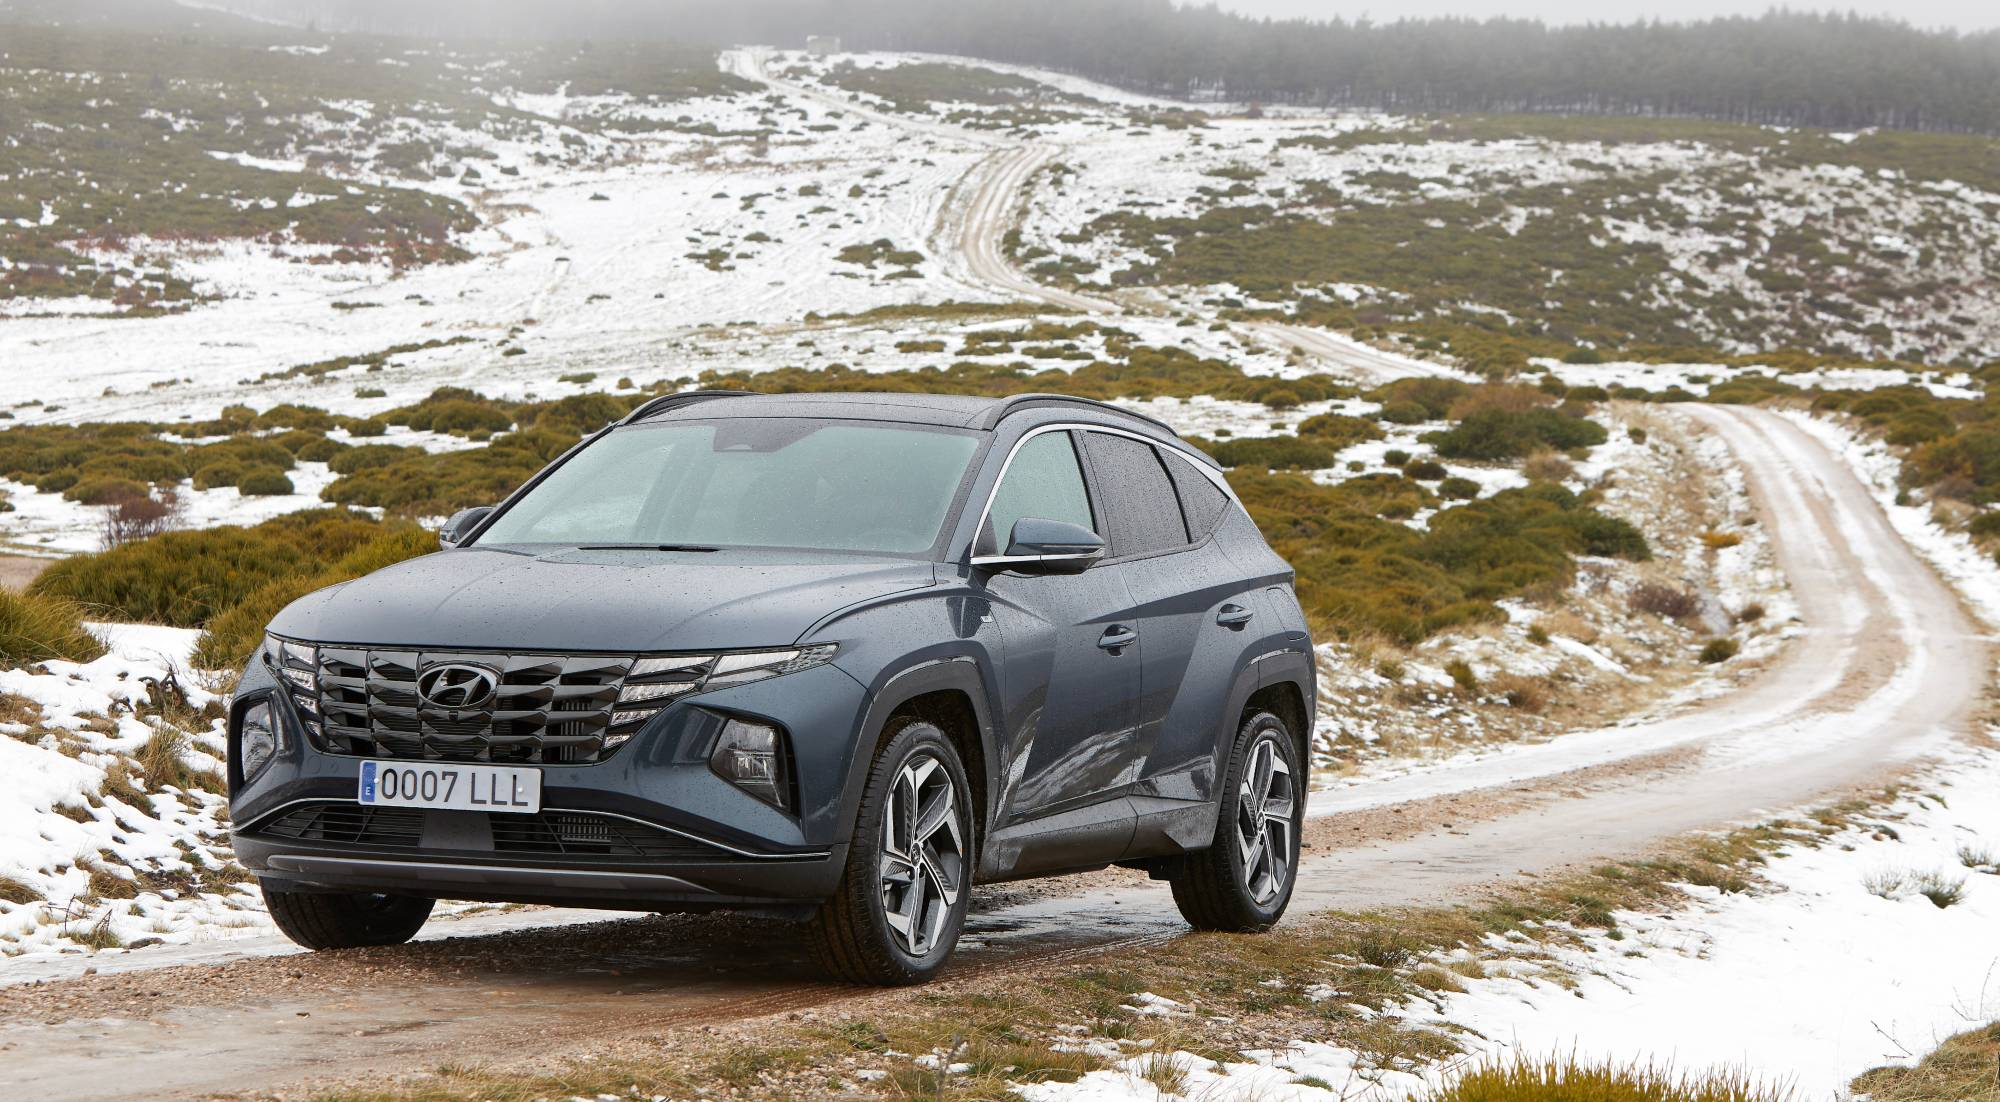 El gran cambio estético del Hyundai Tucson